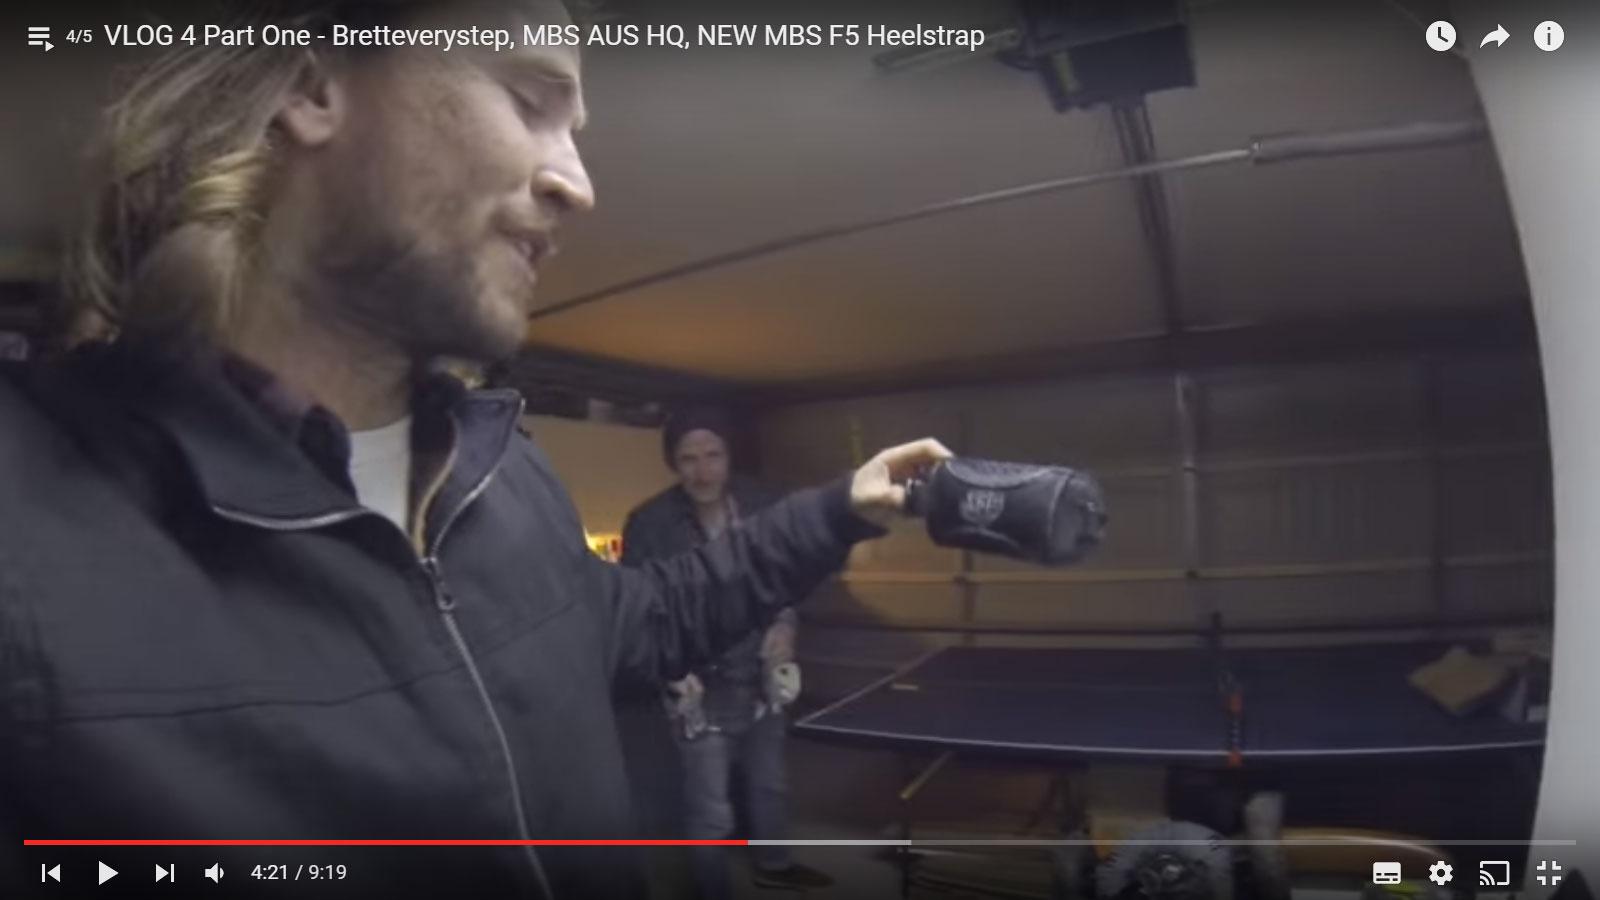 Dylan Warren Vlog 4 – Part 1 Bretteverystep, MBS AUS HQ, NEW MBS F5 Heelstrap